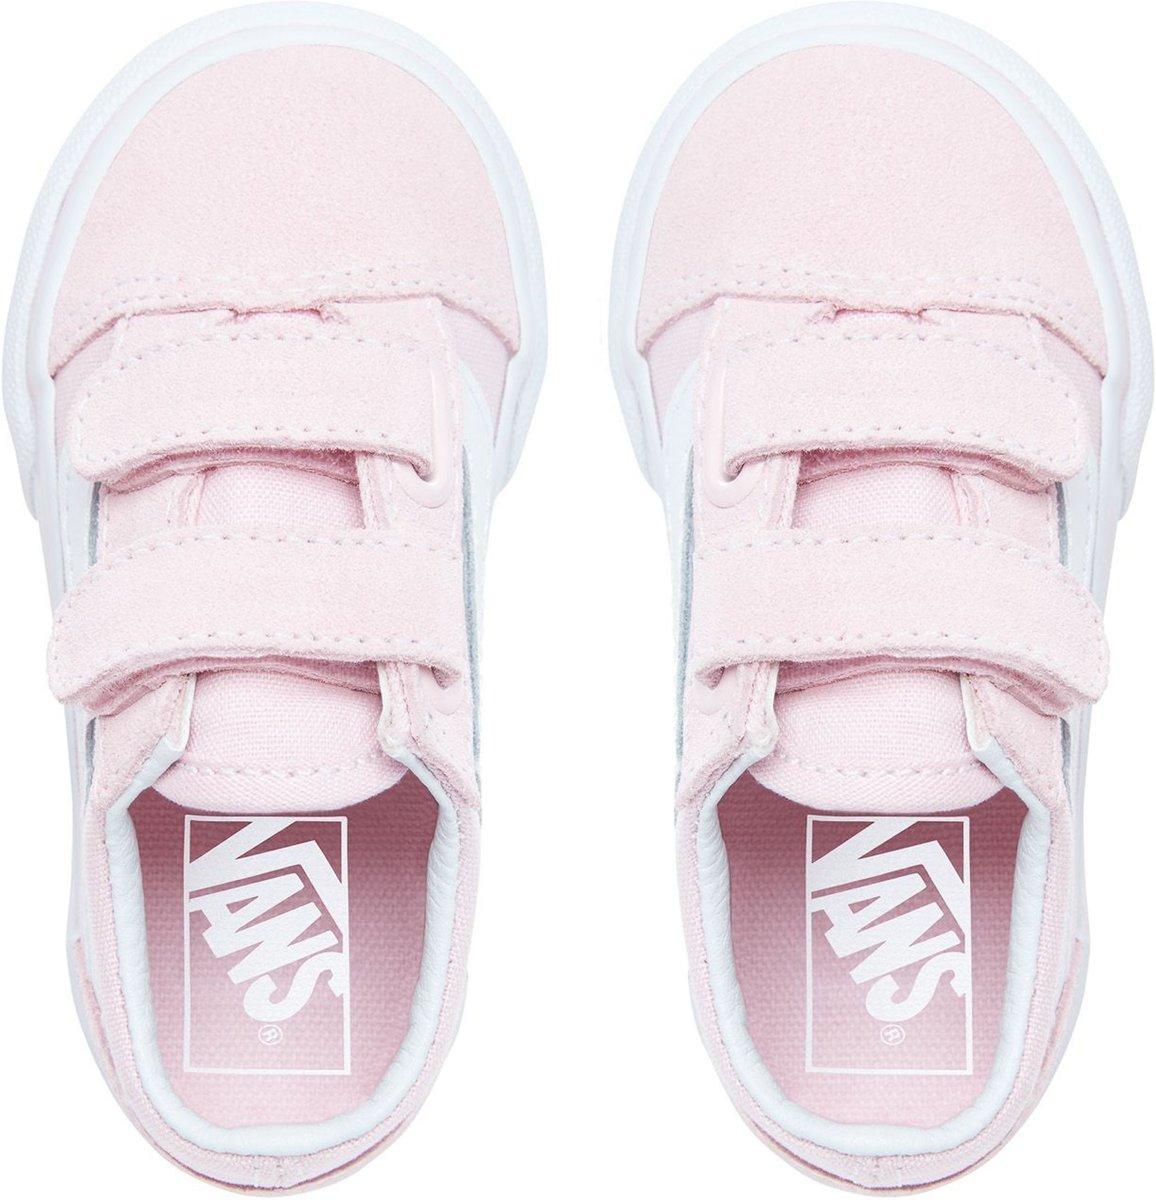 Plimsolls VANS Old Skool V VN0A344KQ7K (SuedeCanvas) Chalk Pink